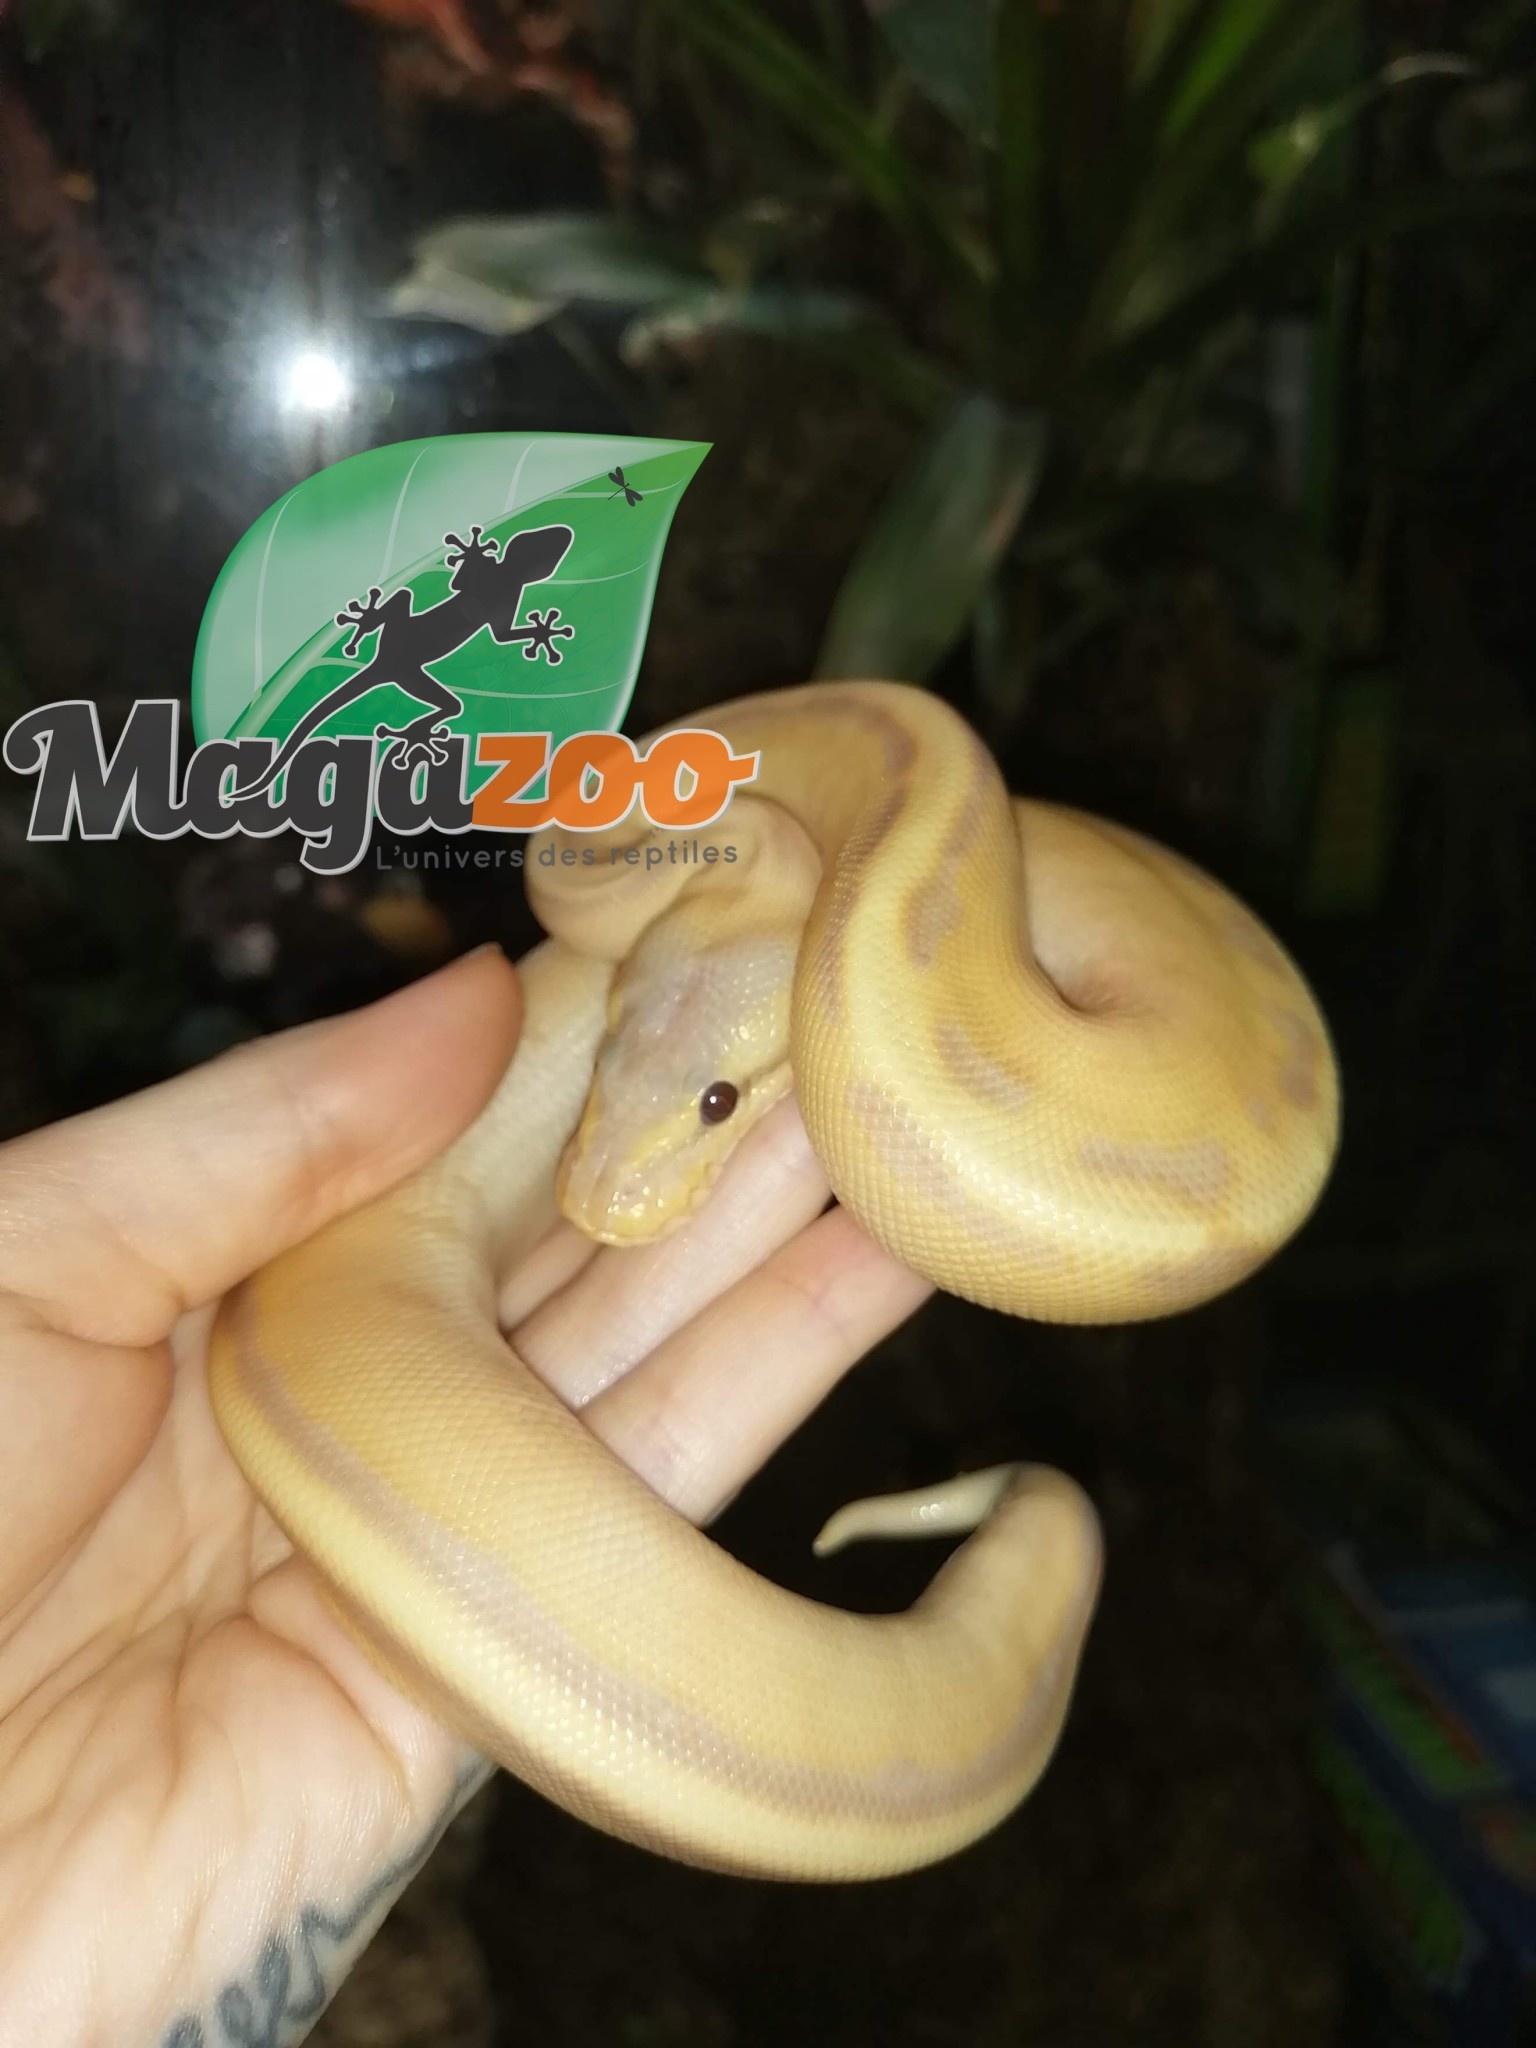 Magazoo Python royal Banana Genetic Stripe Het Enhancer Mâle